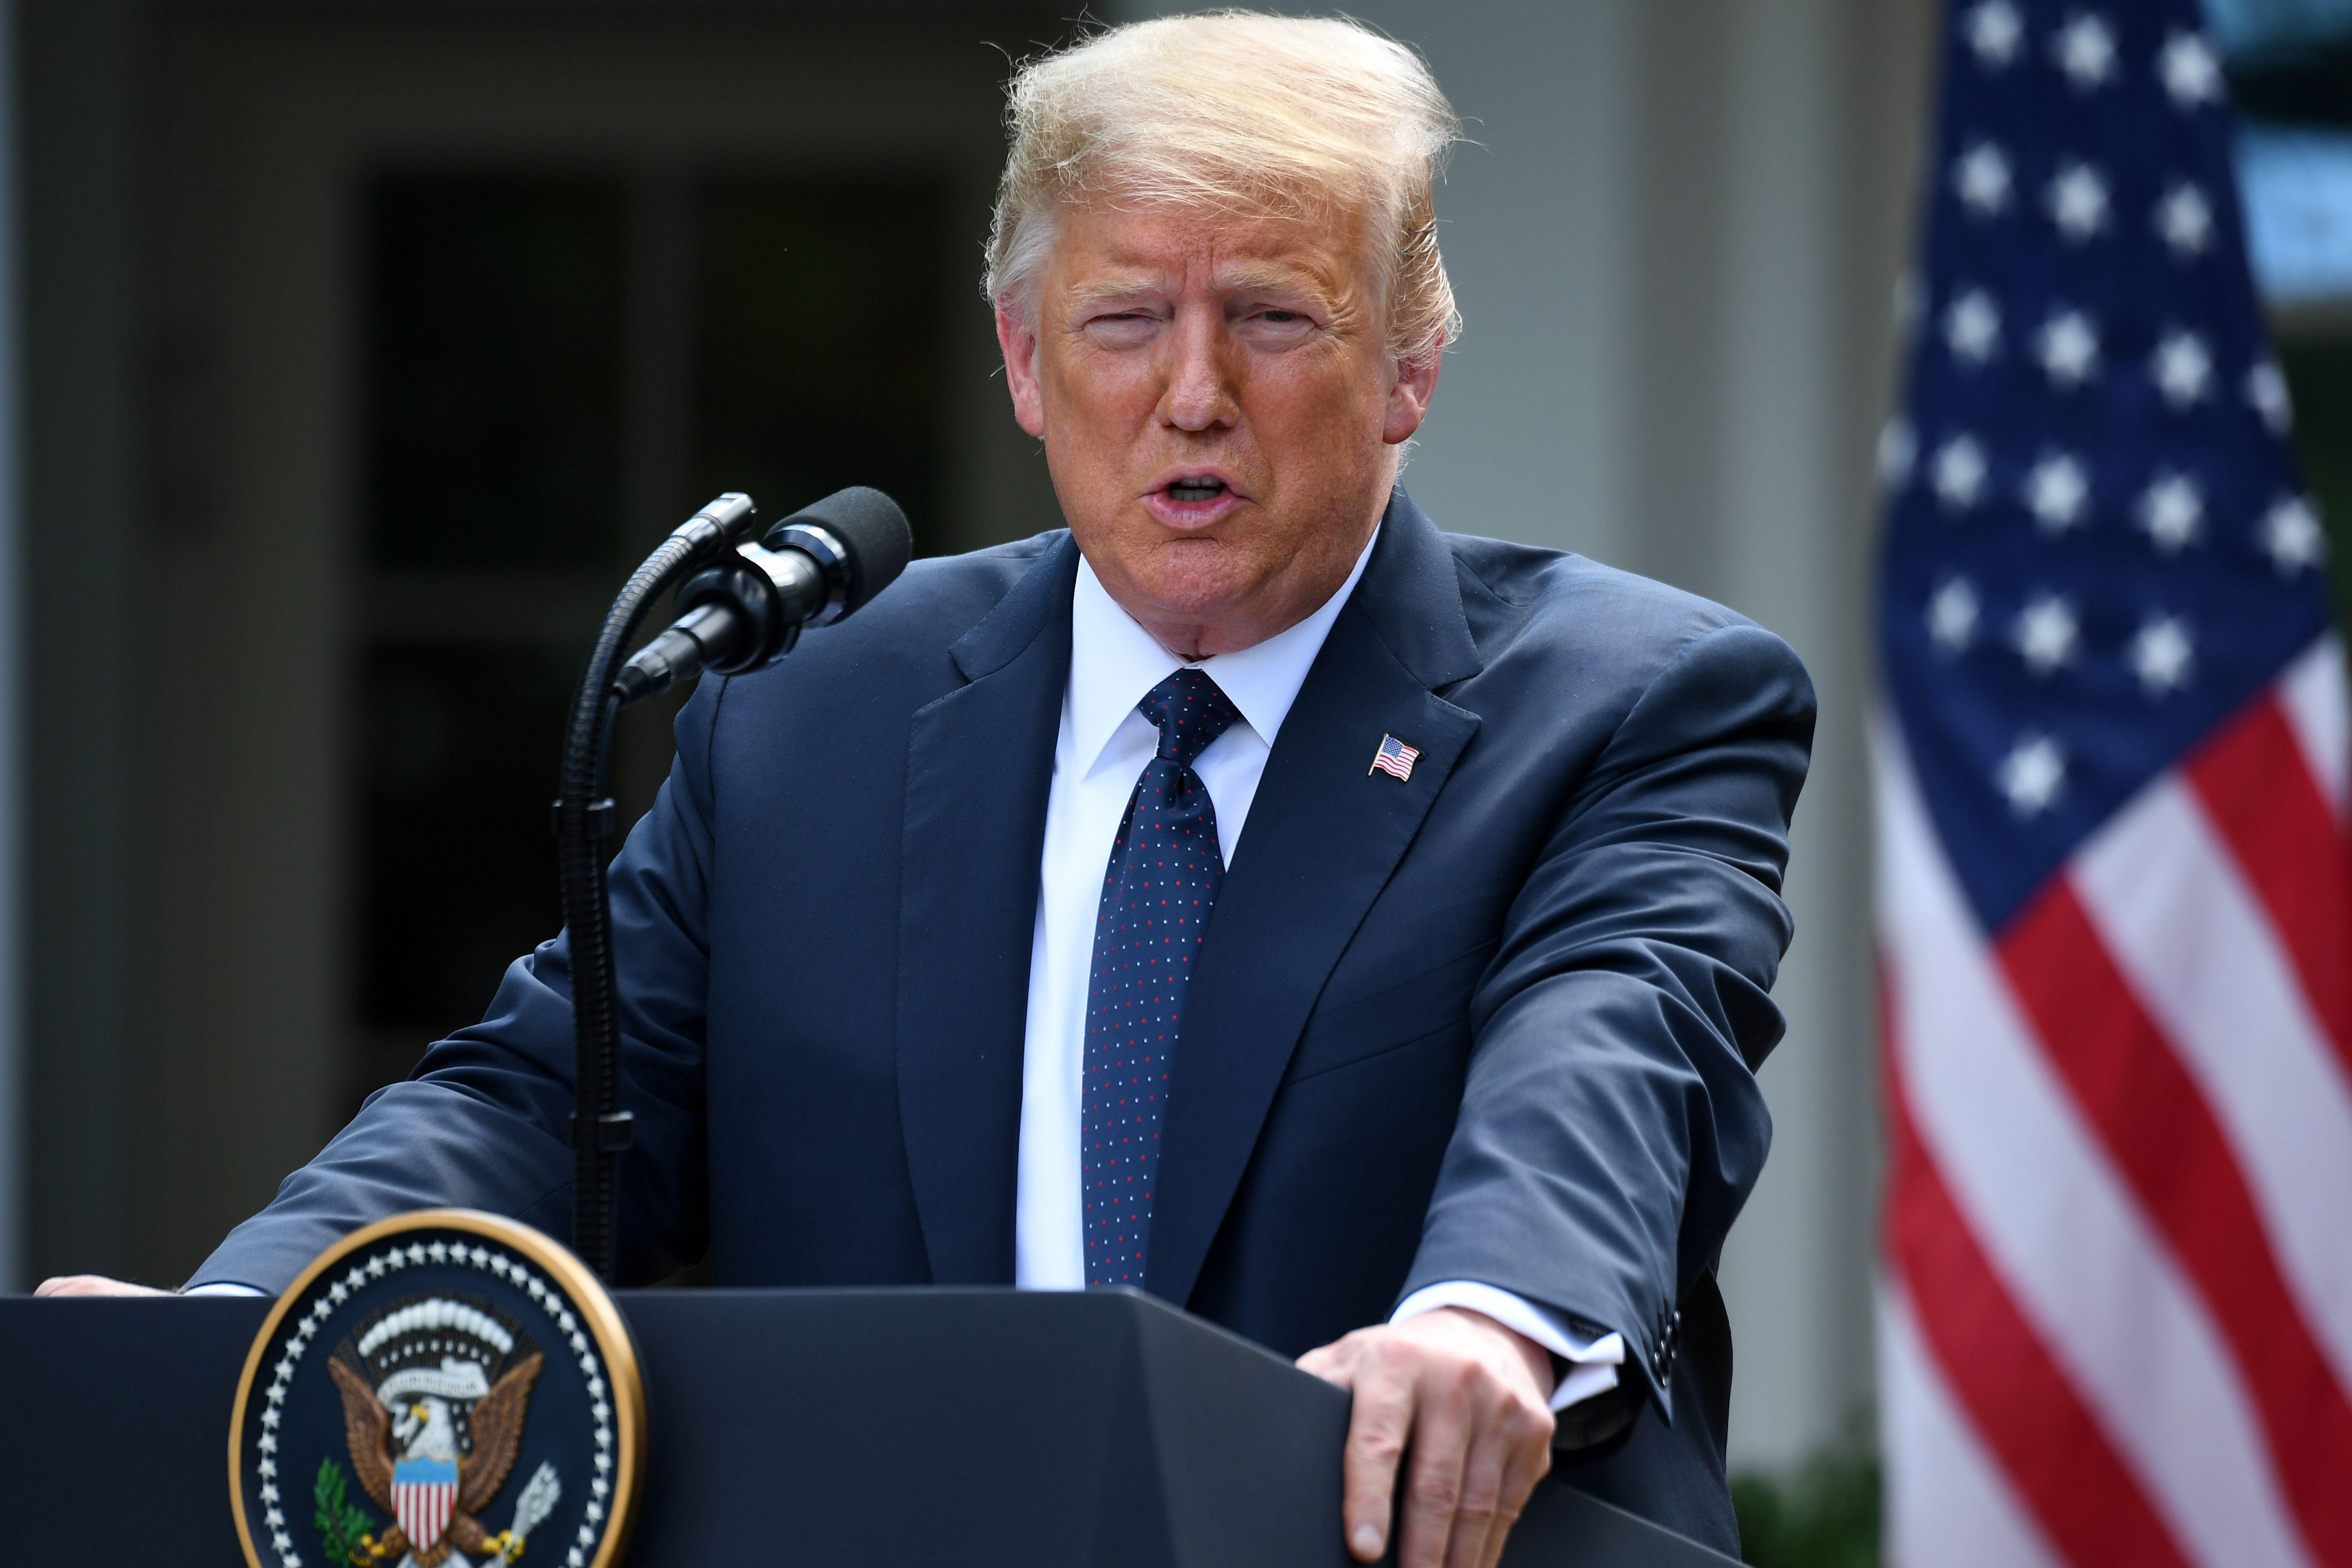 圖為特朗普總統2020年6月24日在白宮玫瑰園的記者會上發表講話。(SAUL LOEB/AFP via Getty Images)